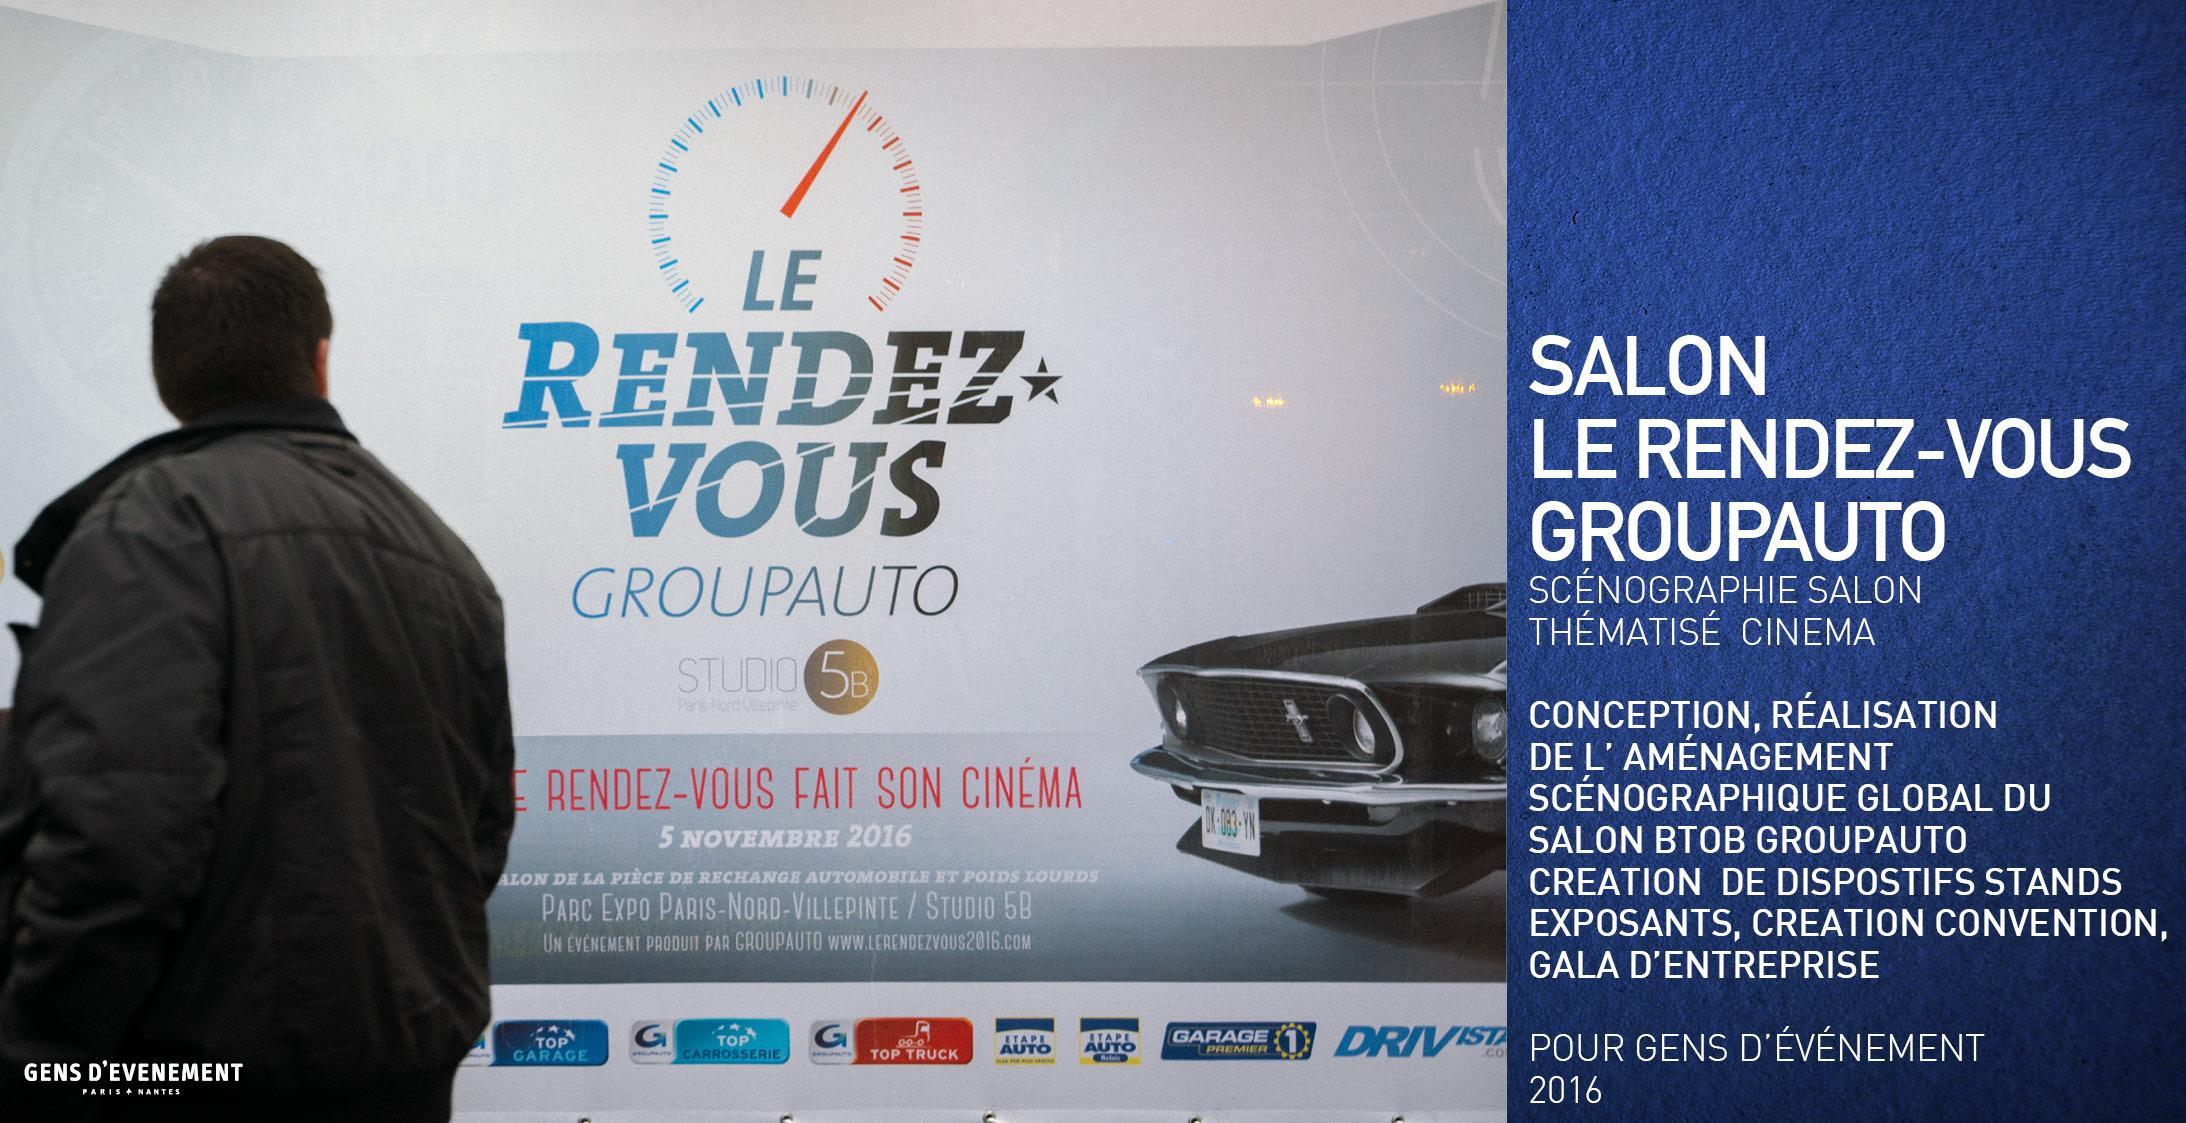 salon groupauto 2016